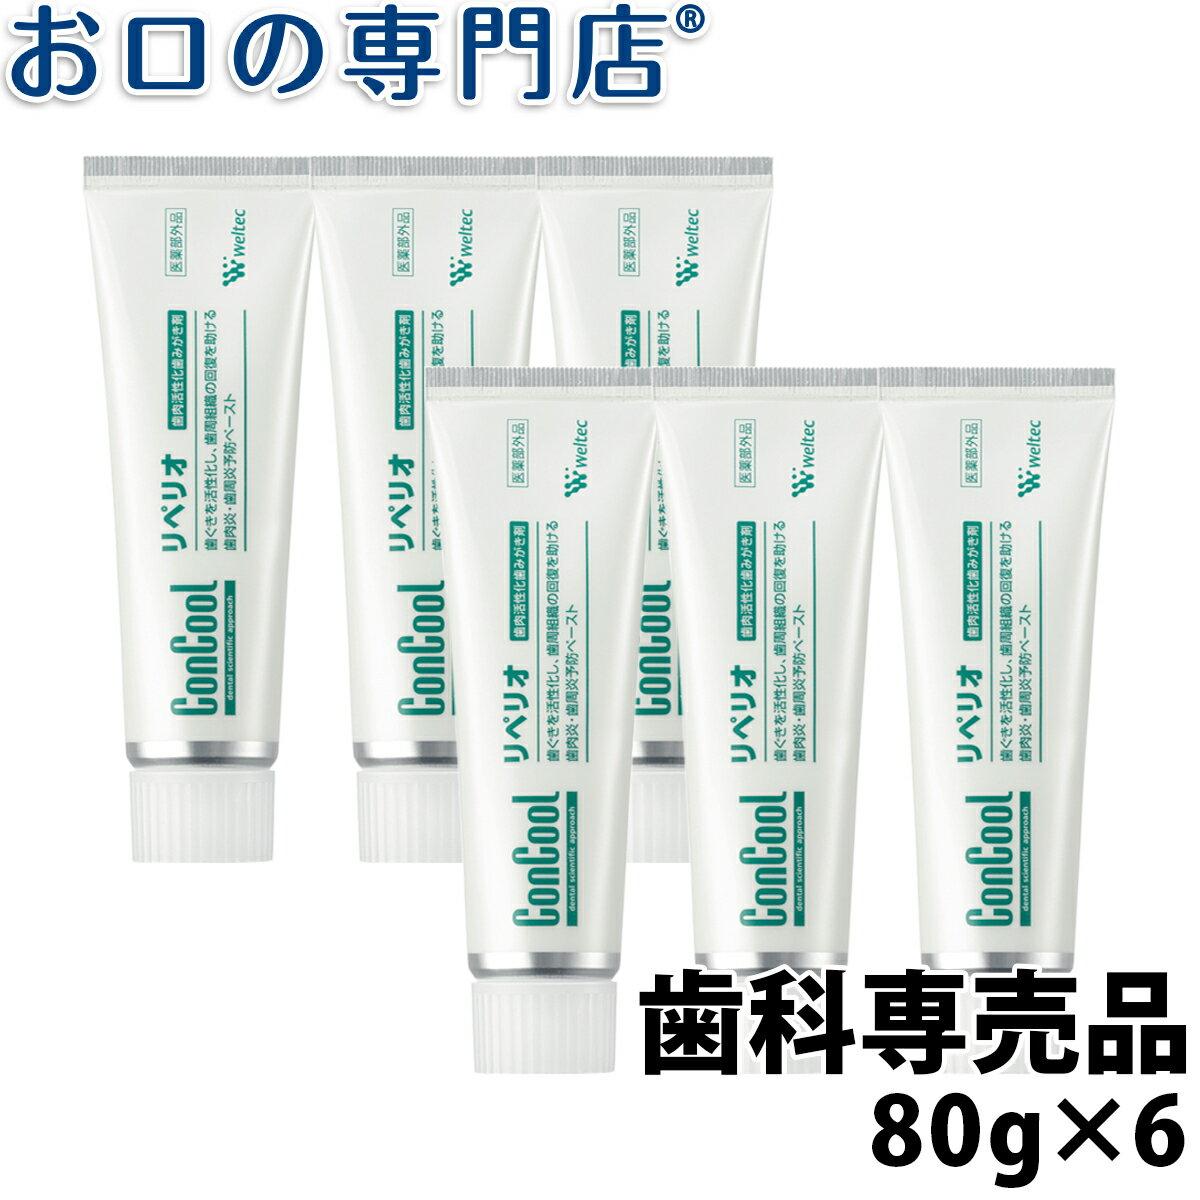 【エントリーでP5倍】【送料無料】ウエルテック コンクールリペリオ 80g×6本 歯磨き粉/ハミガキ粉